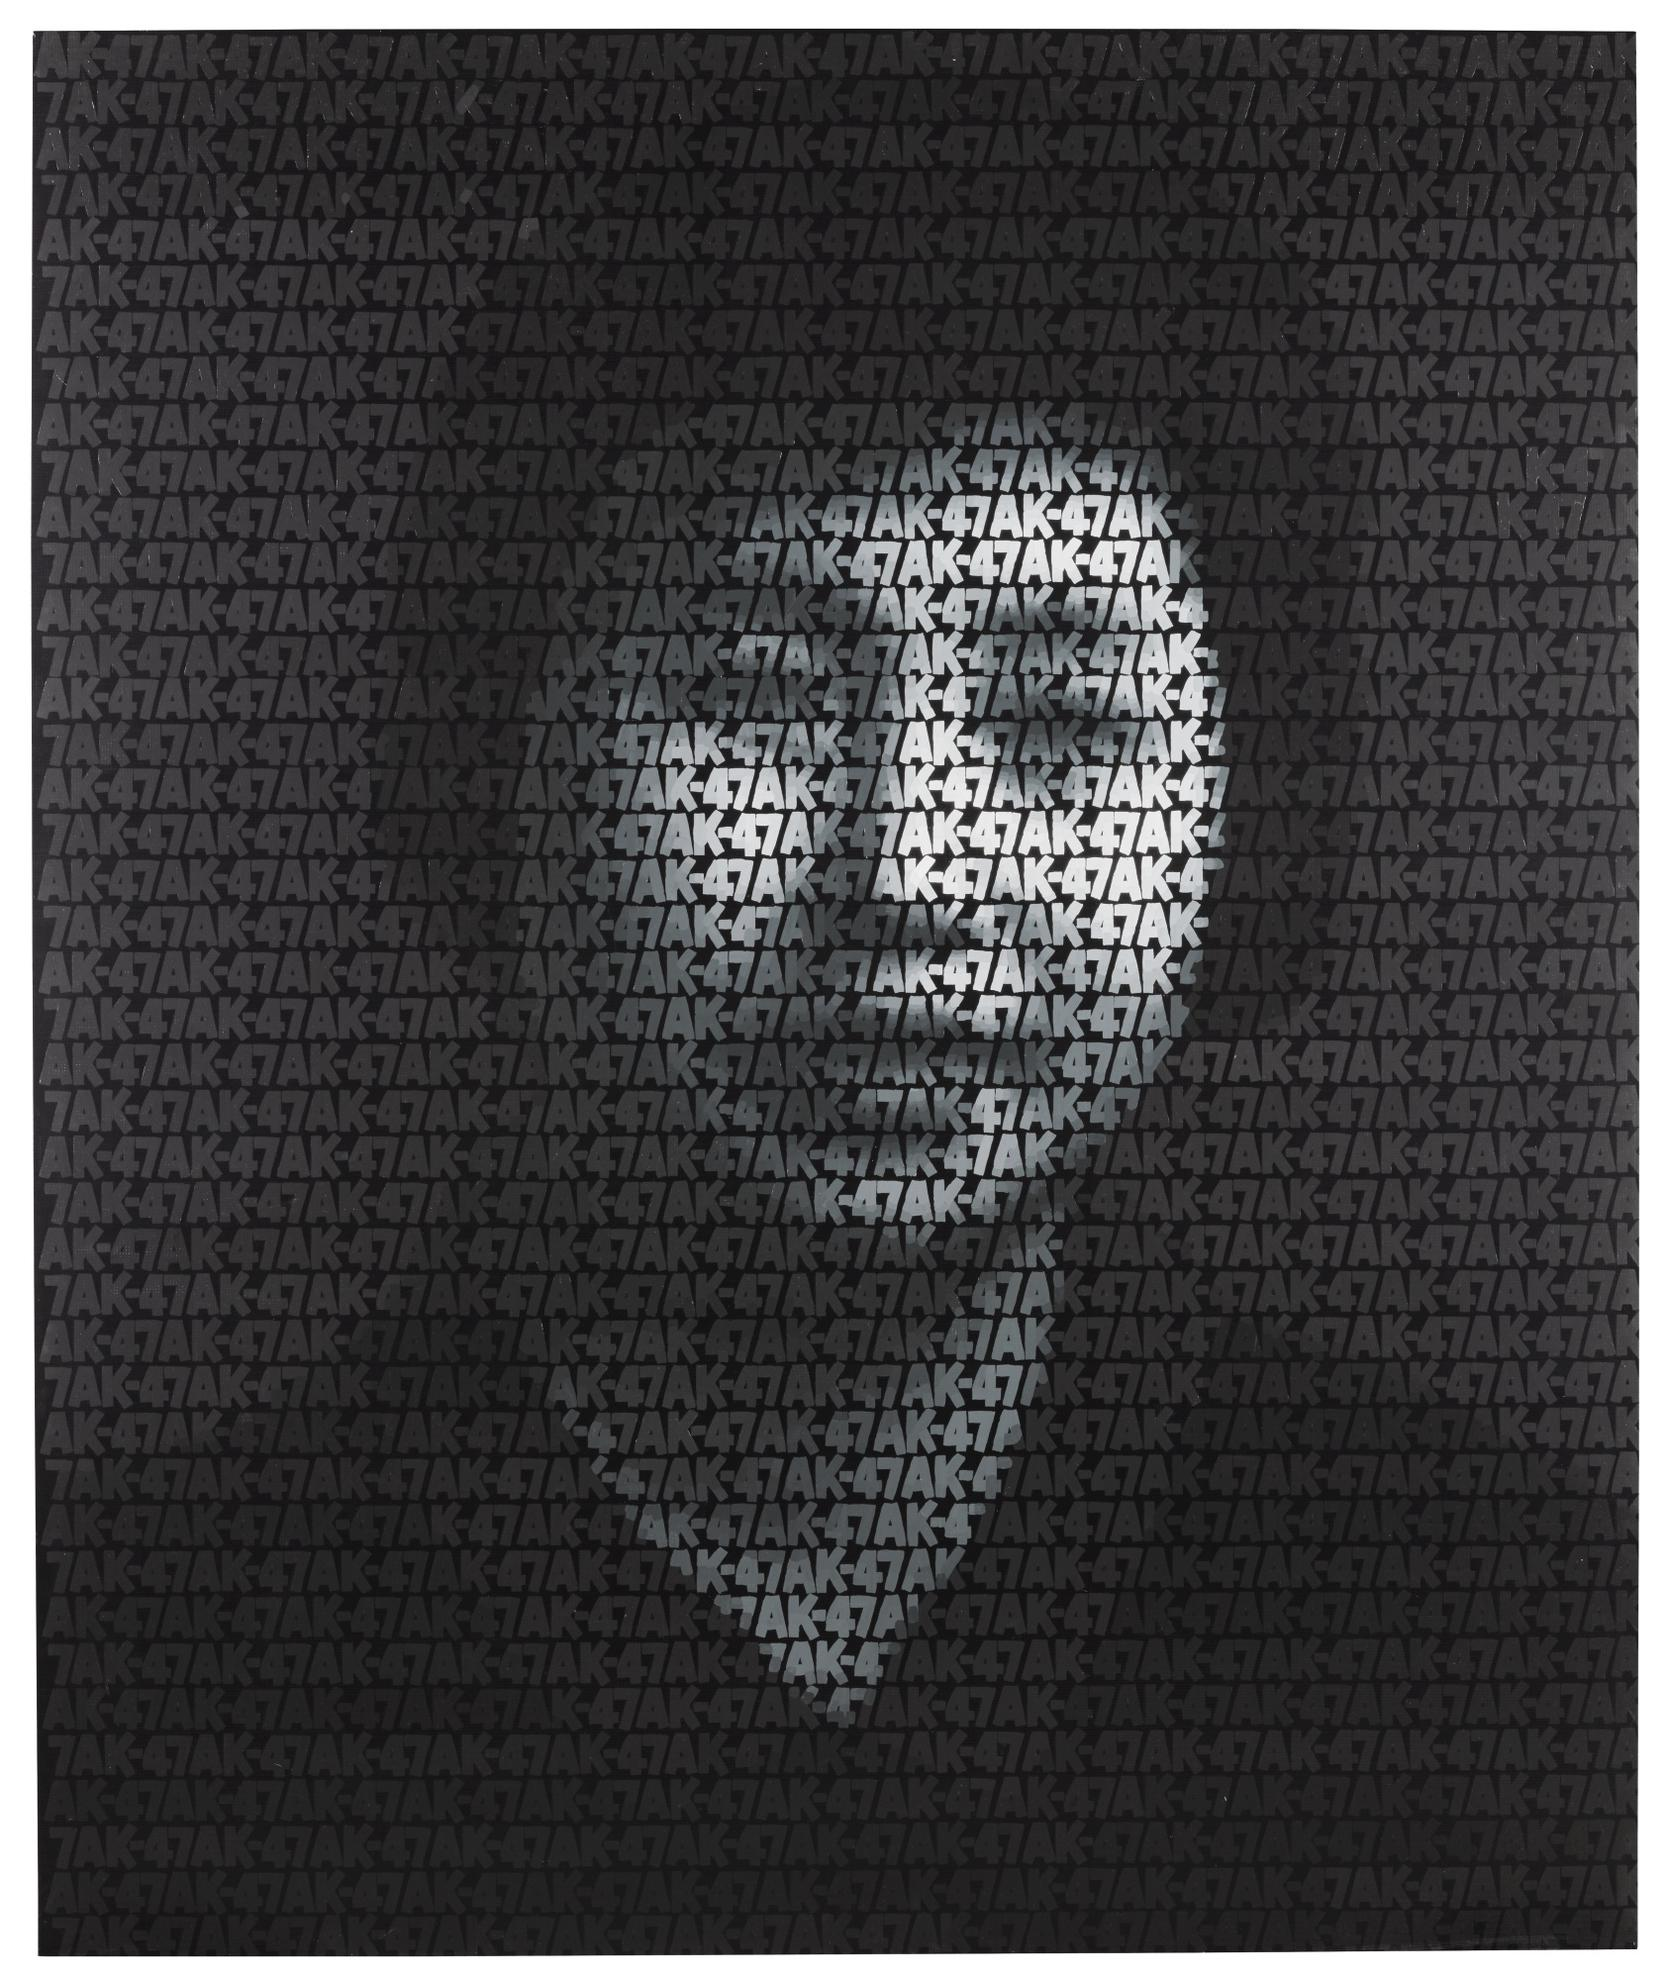 Zhang Dali-Ak-47 (C.5)-2007